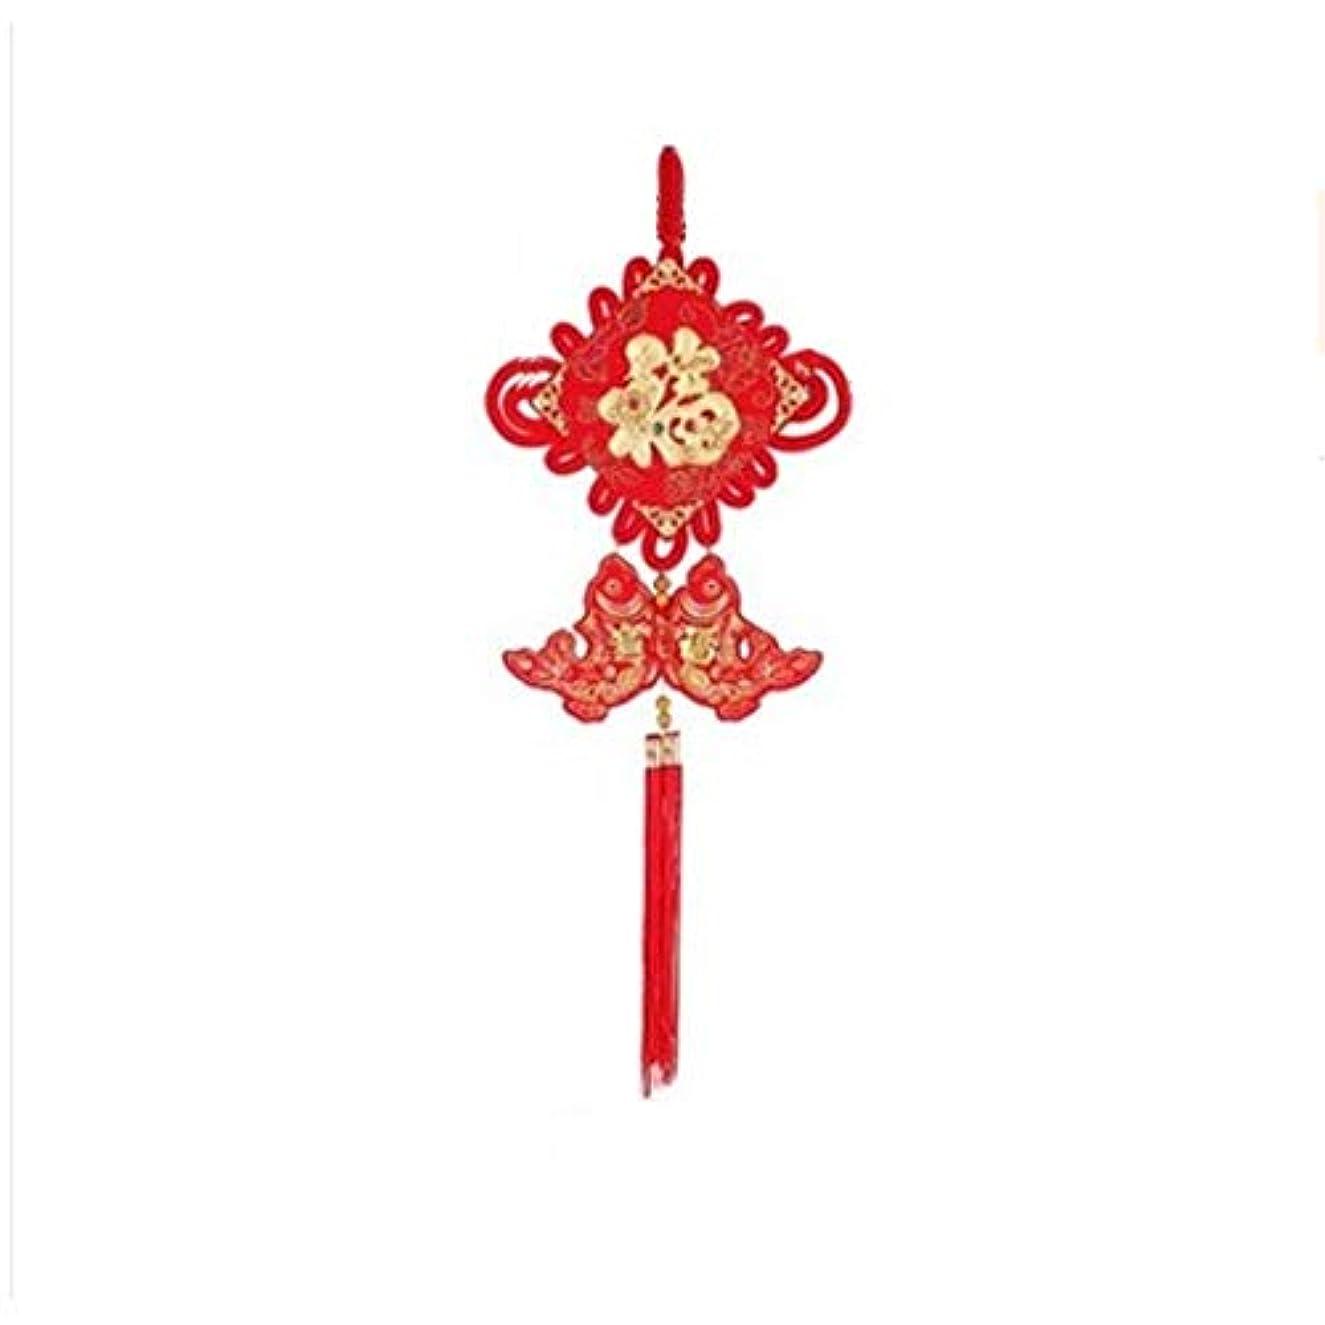 仕出しますクローンポゴスティックジャンプHongyuantongxun 高品位の赤の祝福中国の結び目、中国の新年ぶら下げ装飾品、ギフト、家の装飾、赤,、装飾品ペンダント (Size : 80cm)